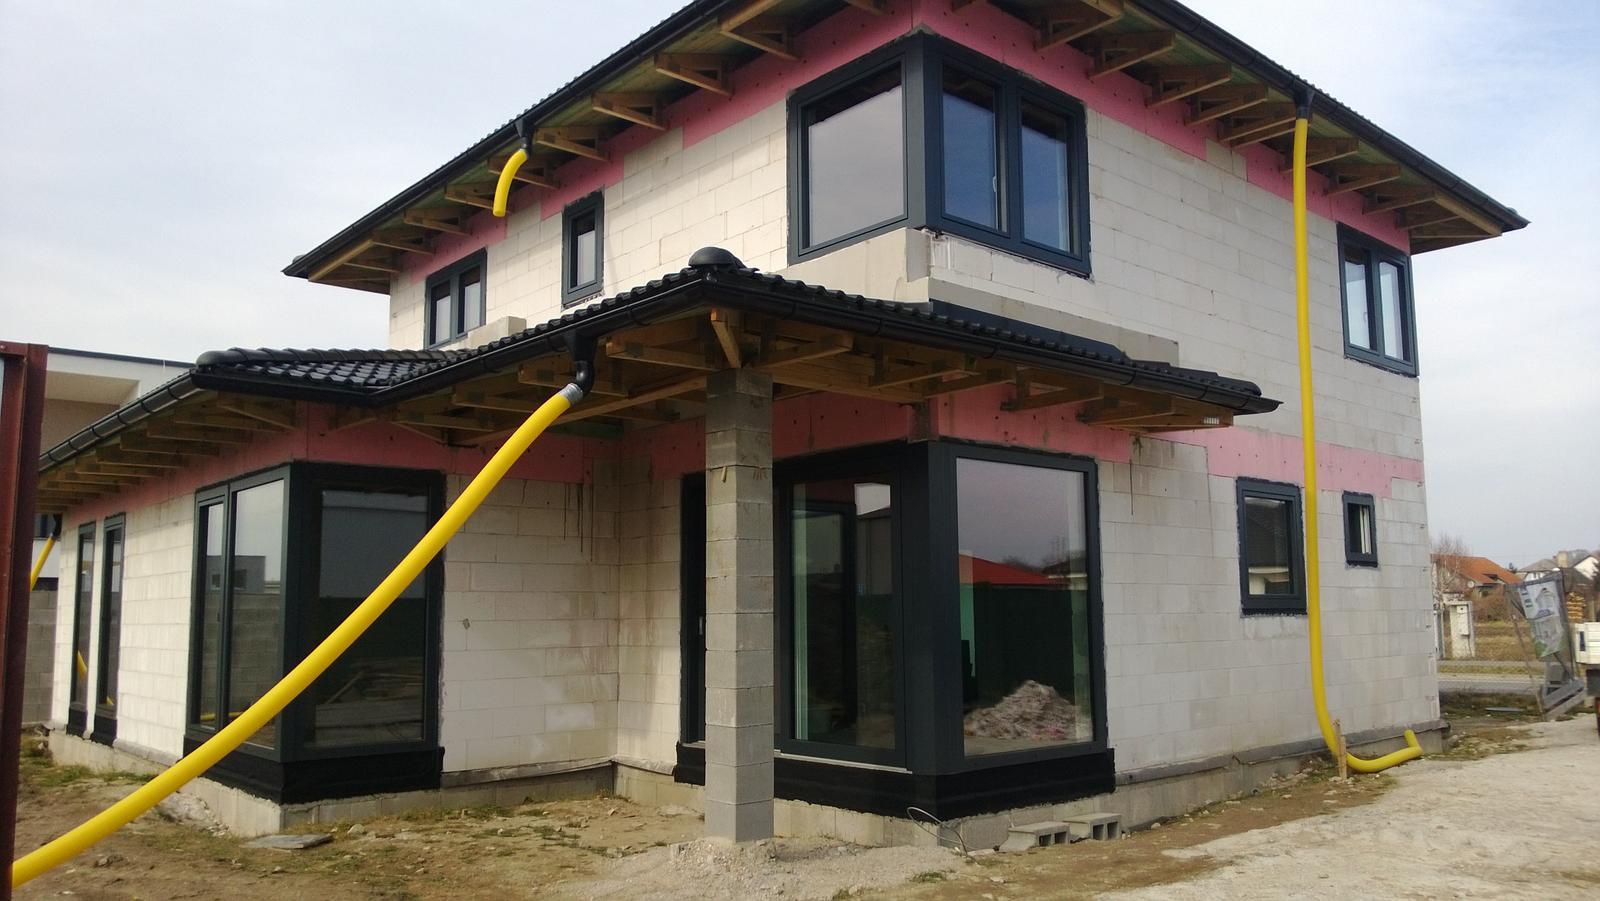 Realizácia rodinného domu pavari - Namontované výplne otvorov